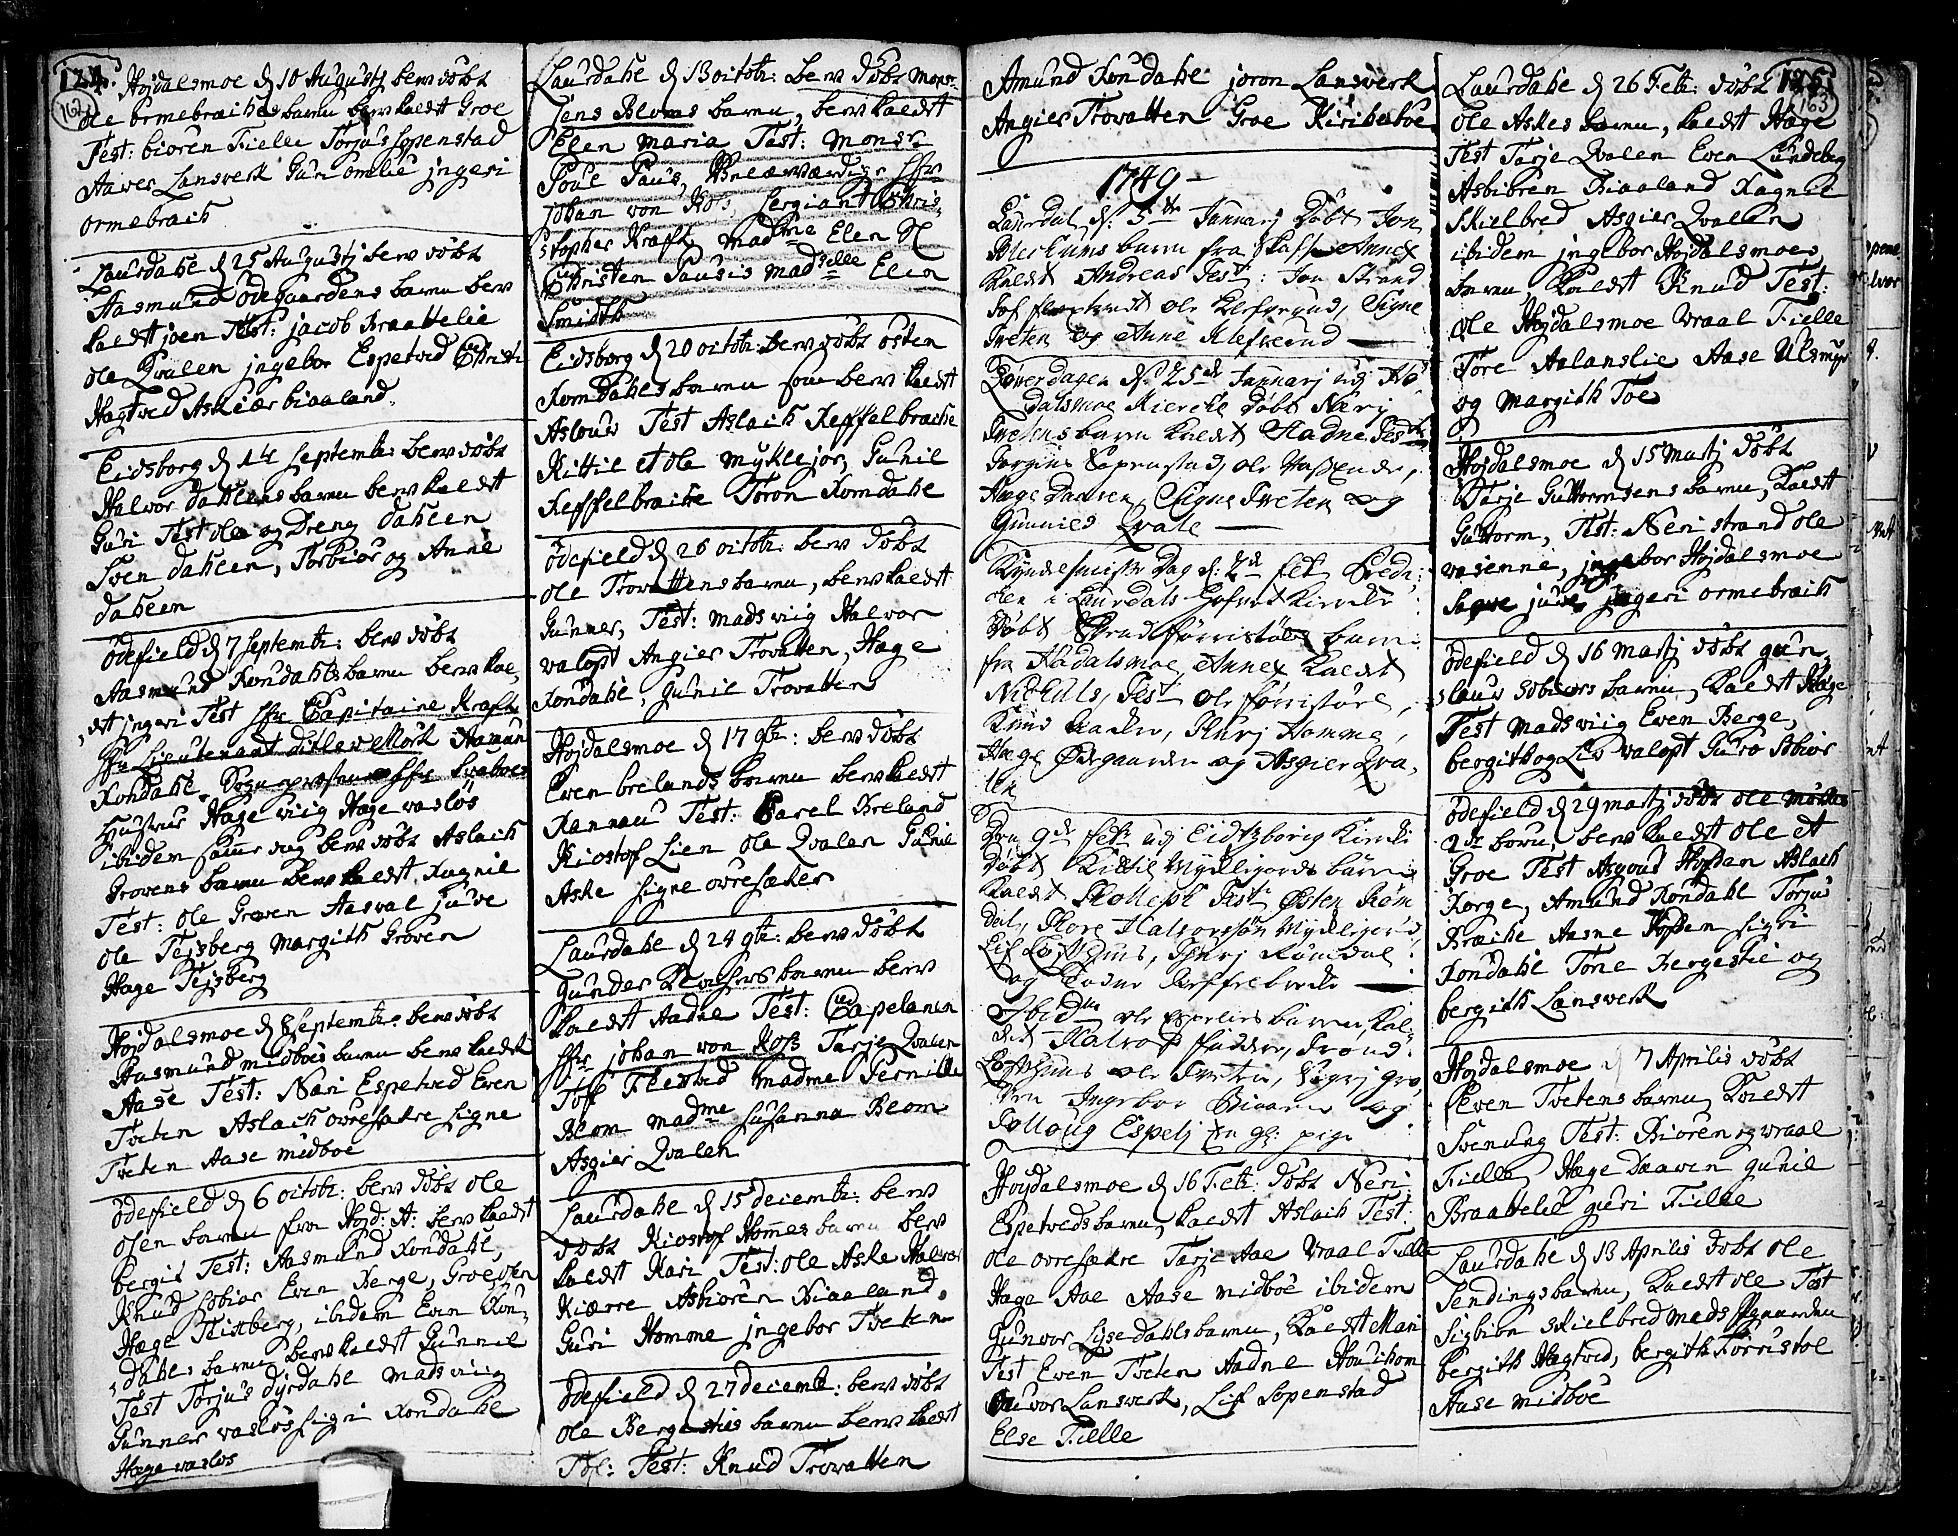 SAKO, Lårdal kirkebøker, F/Fa/L0002: Ministerialbok nr. I 2, 1734-1754, s. 162-163